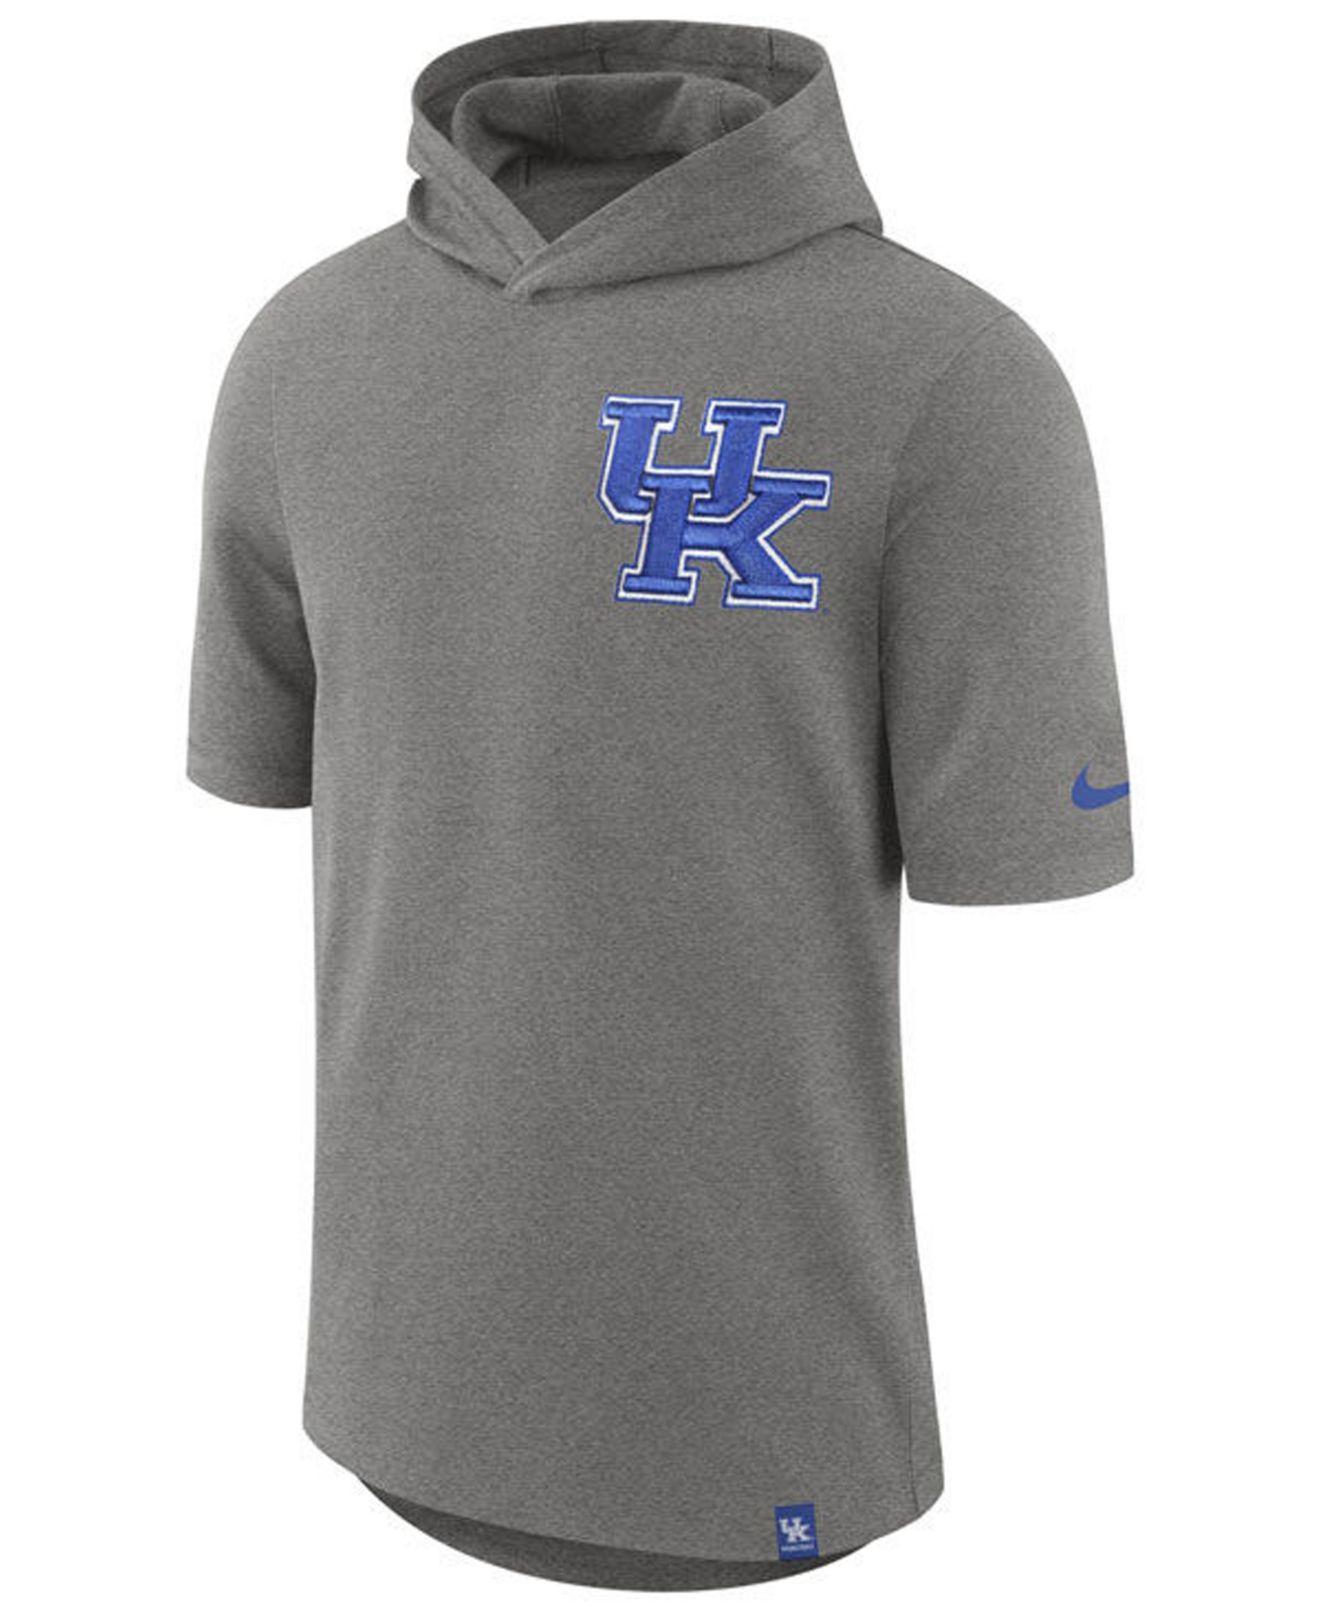 6329222455d3 Lyst - Nike Kentucky Wildcats Short Sleeve Shooter T-shirt in Gray ...